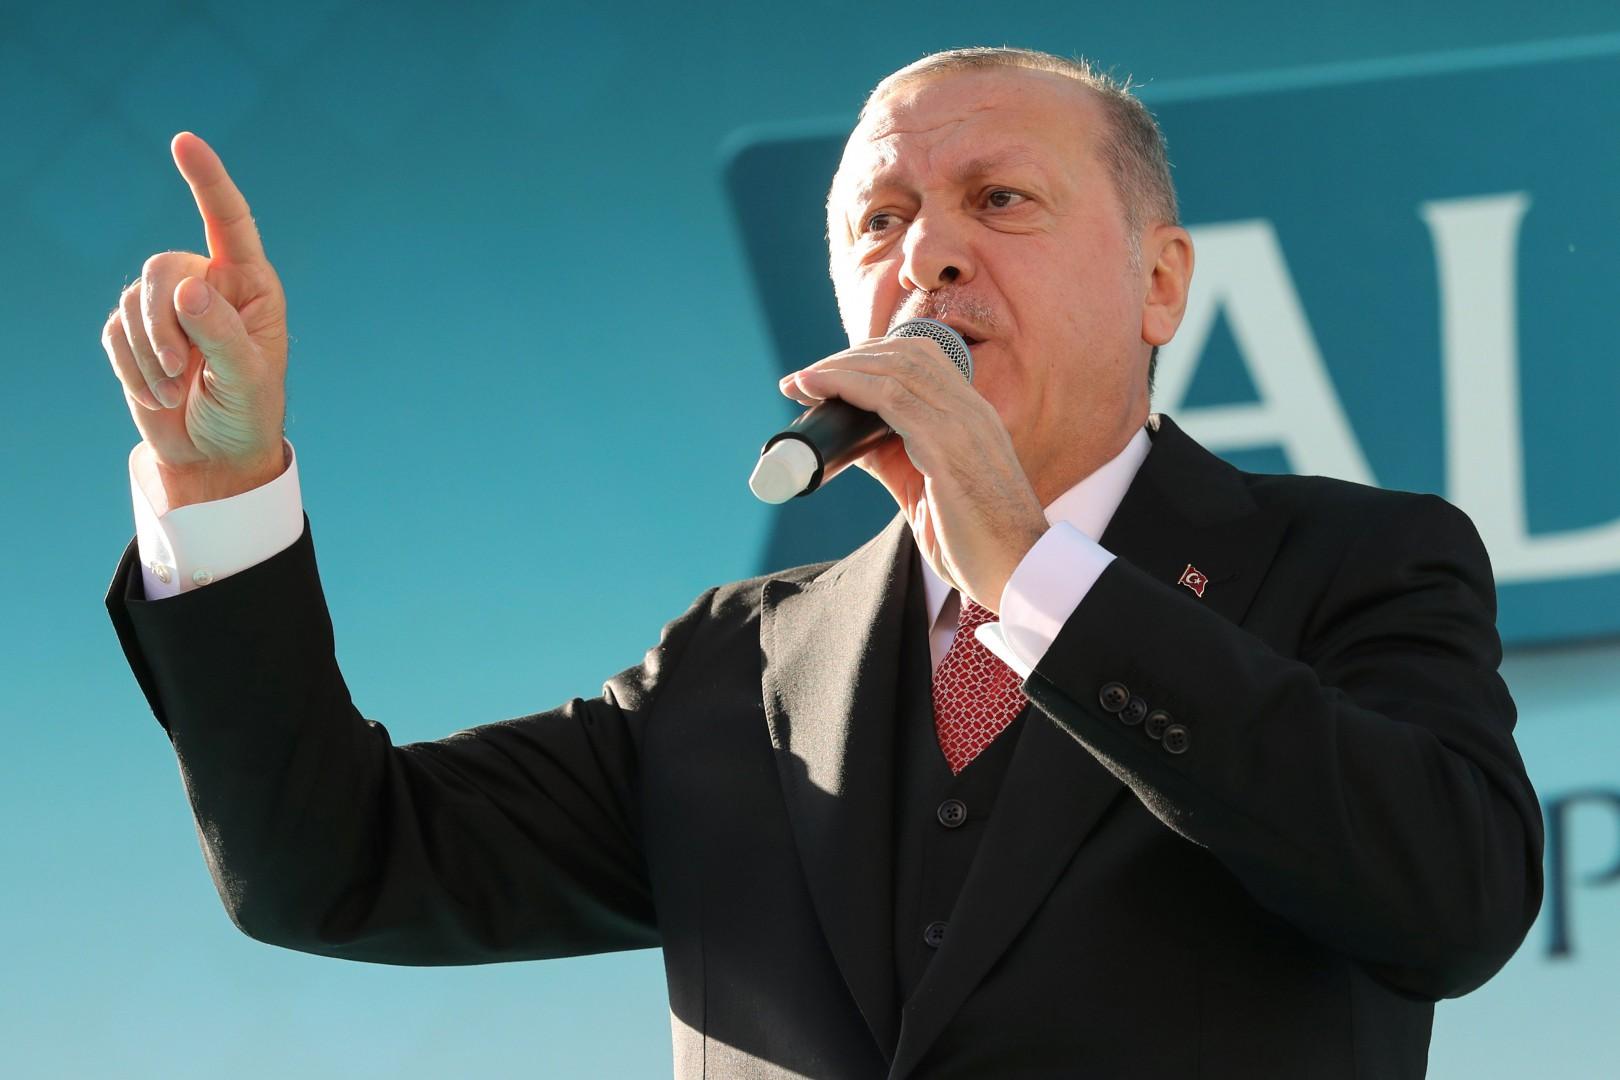 Il presidente turco Recep Tayyip Erdogan durante un comizio ad Ankara (LaPresse)